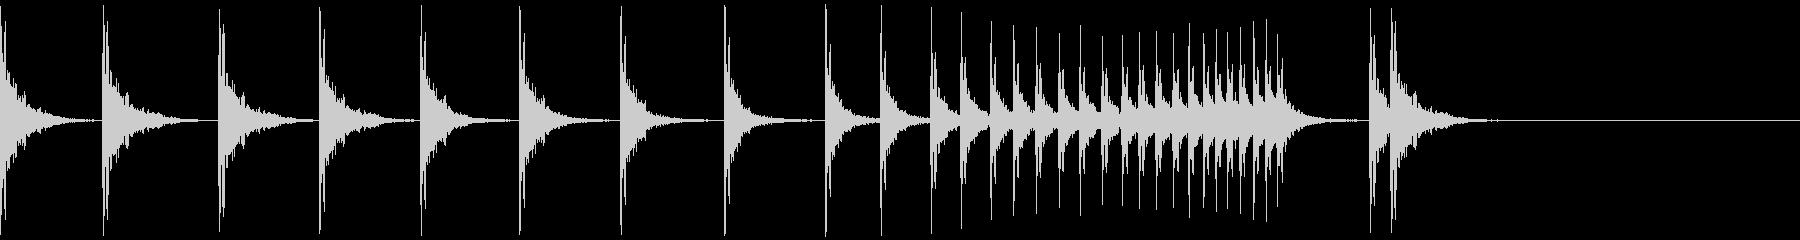 カン!カン!カン!拍子木ロール/ロングの未再生の波形